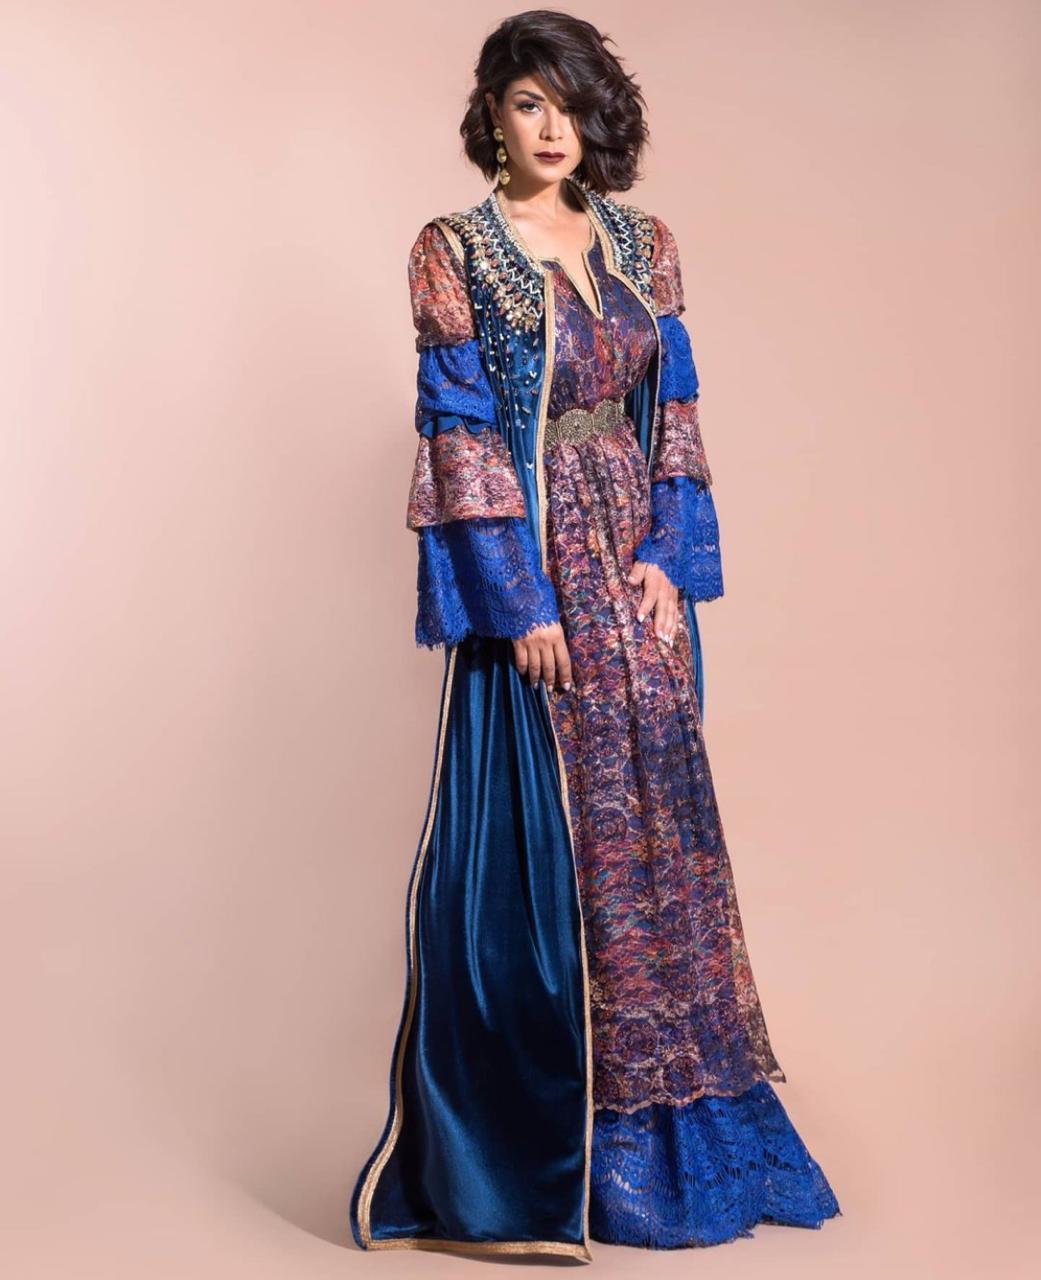 قفطان ازرق مطرز من ليلى حديوي -الصورة من حسابها على الانستغرام